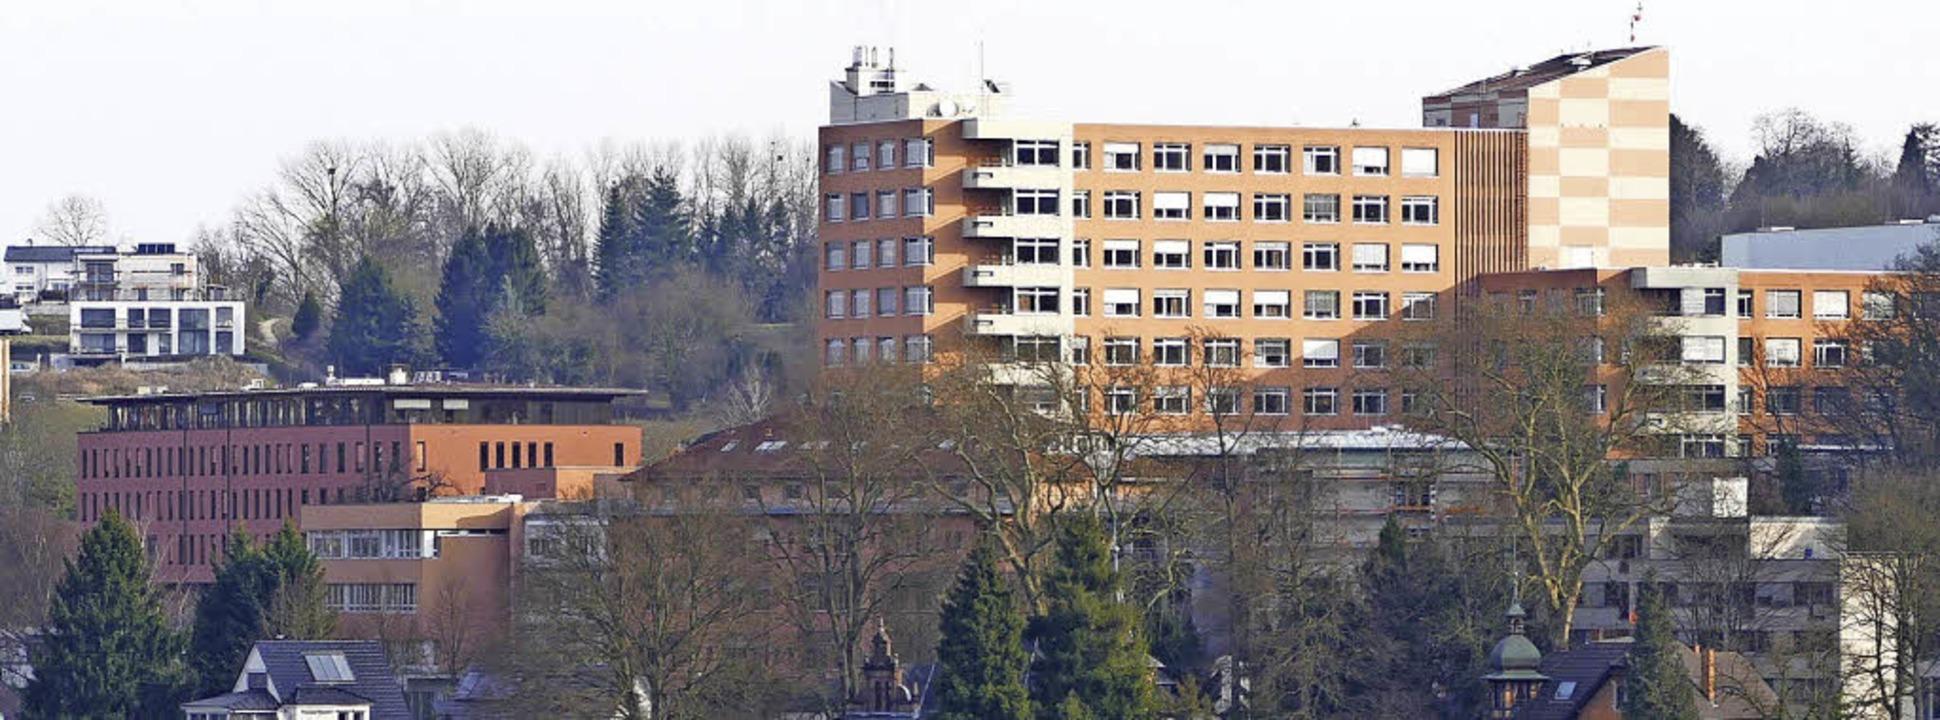 Das Lahrer Klinikum über der Stadt   | Foto: Christian Kramberg/Heidi Fössel